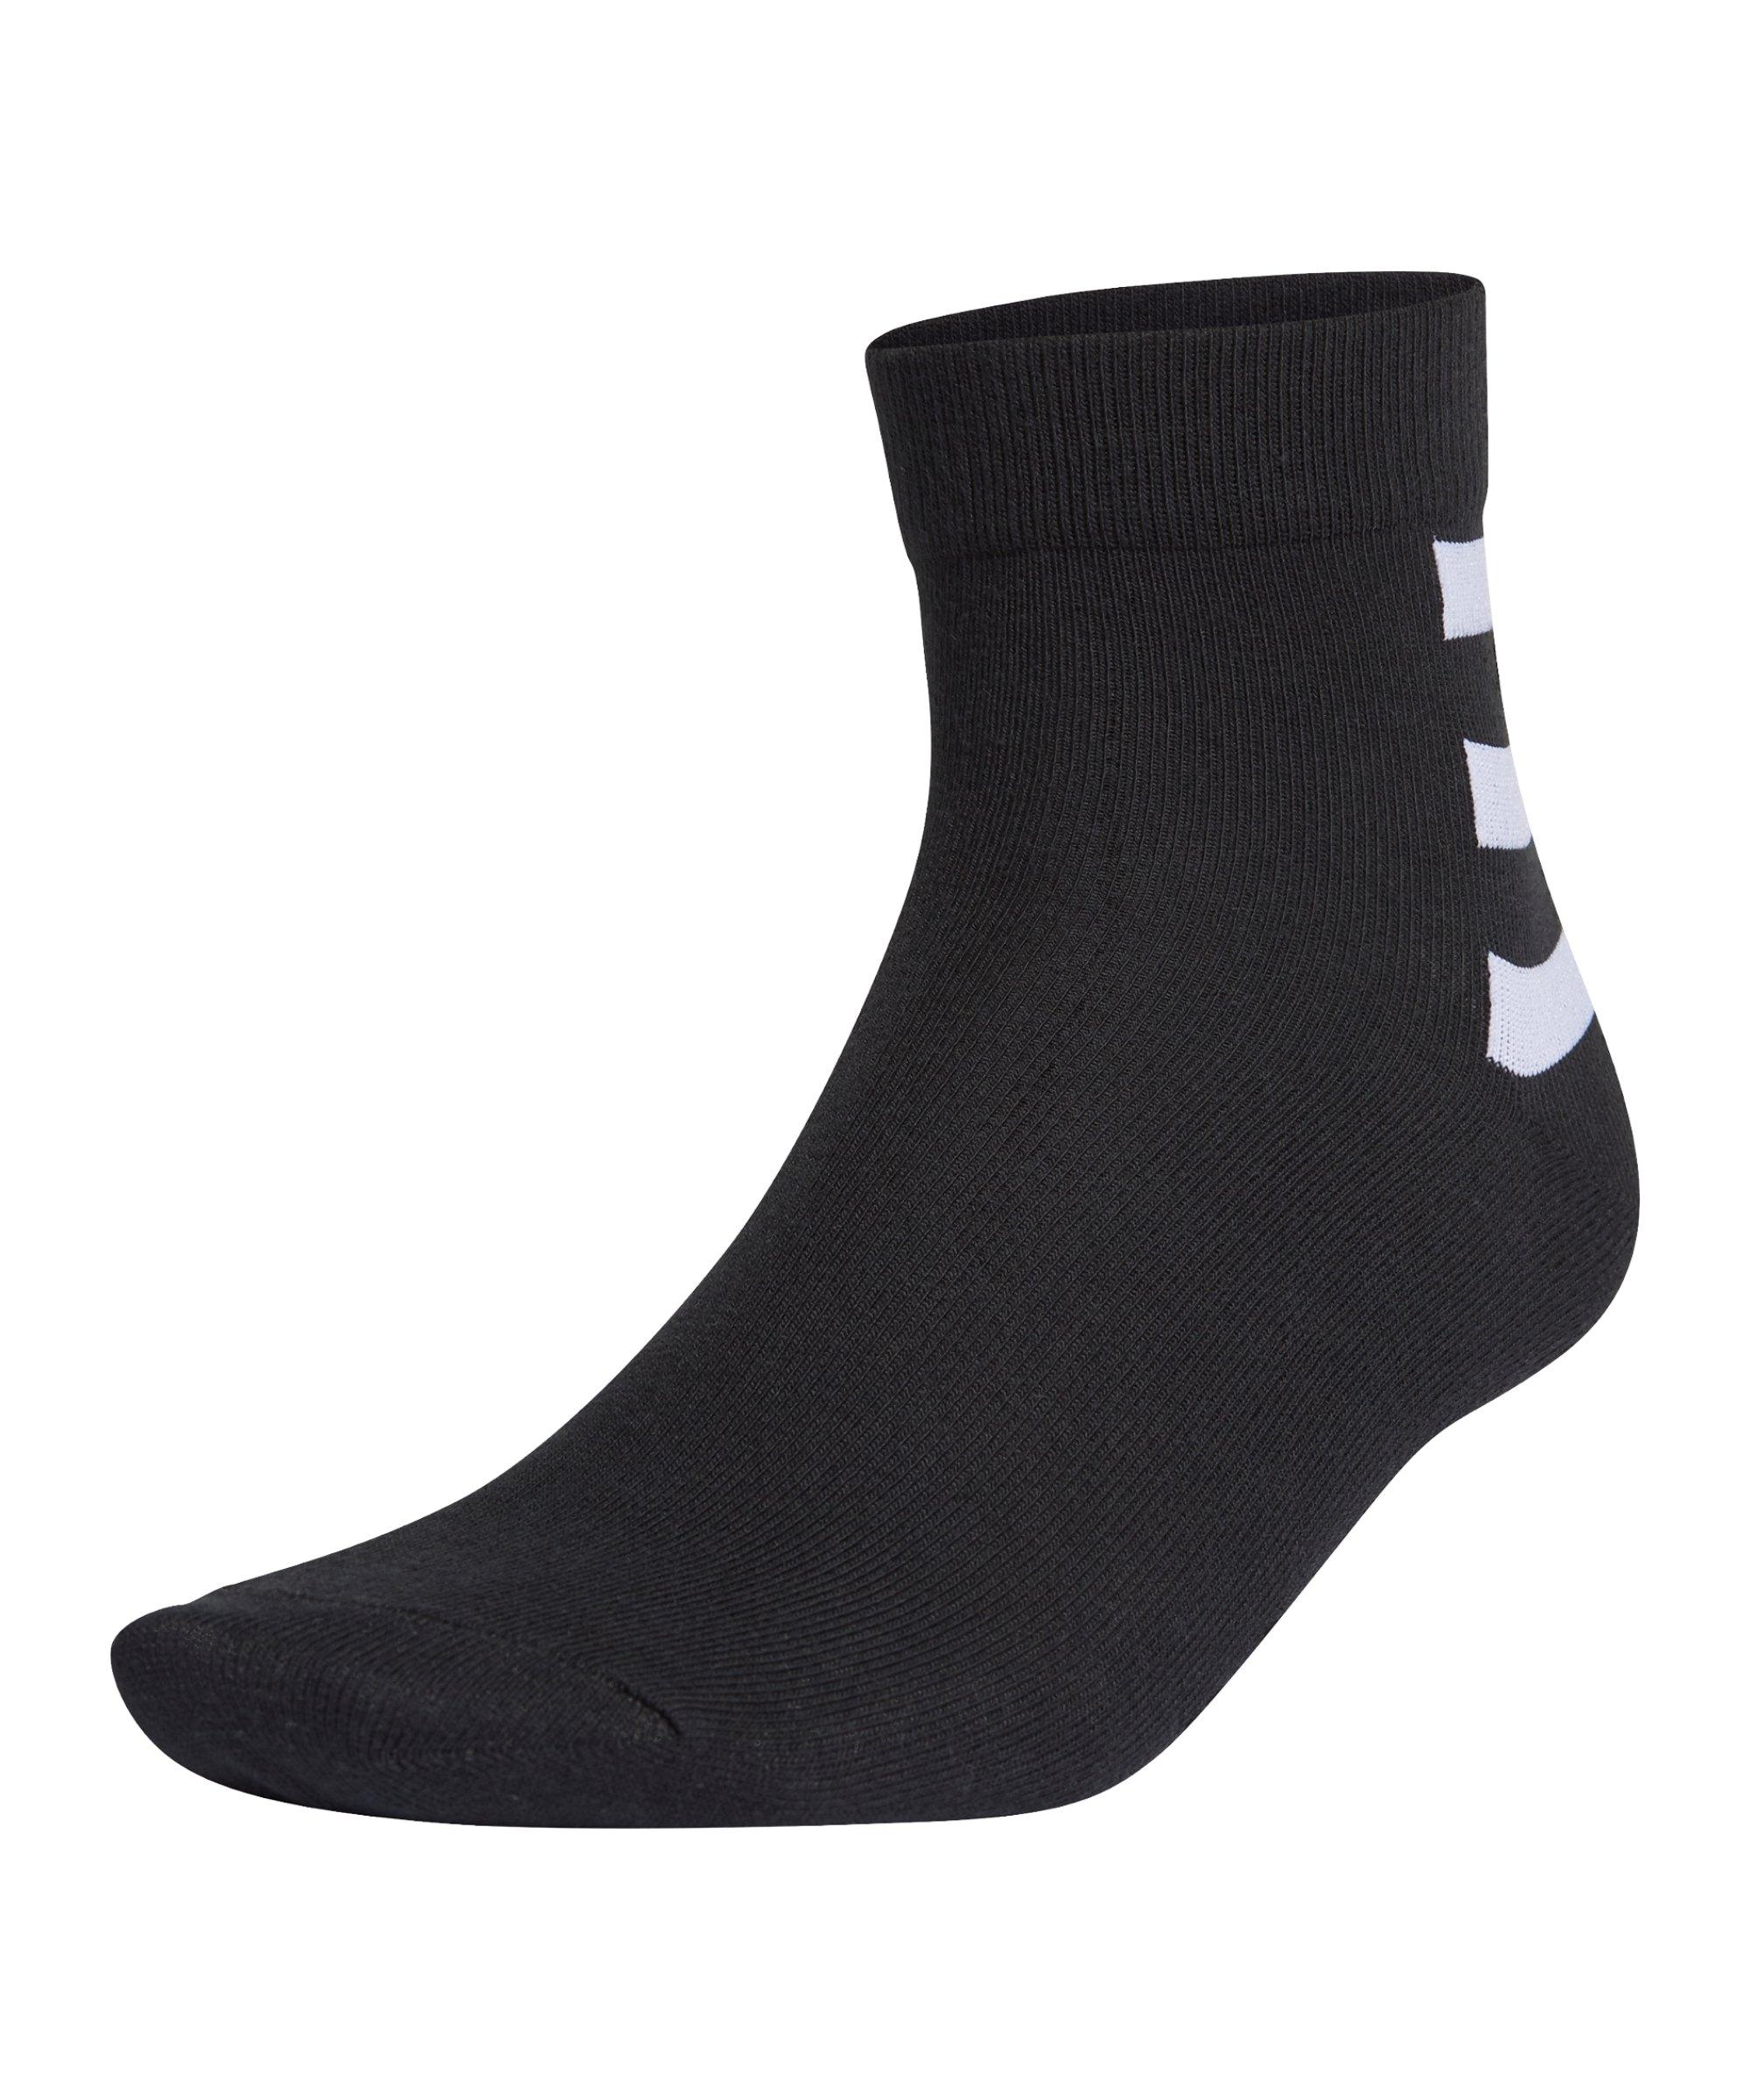 adidas 3S Ankle Socken 3er Pack Schwarz Weiss - schwarz